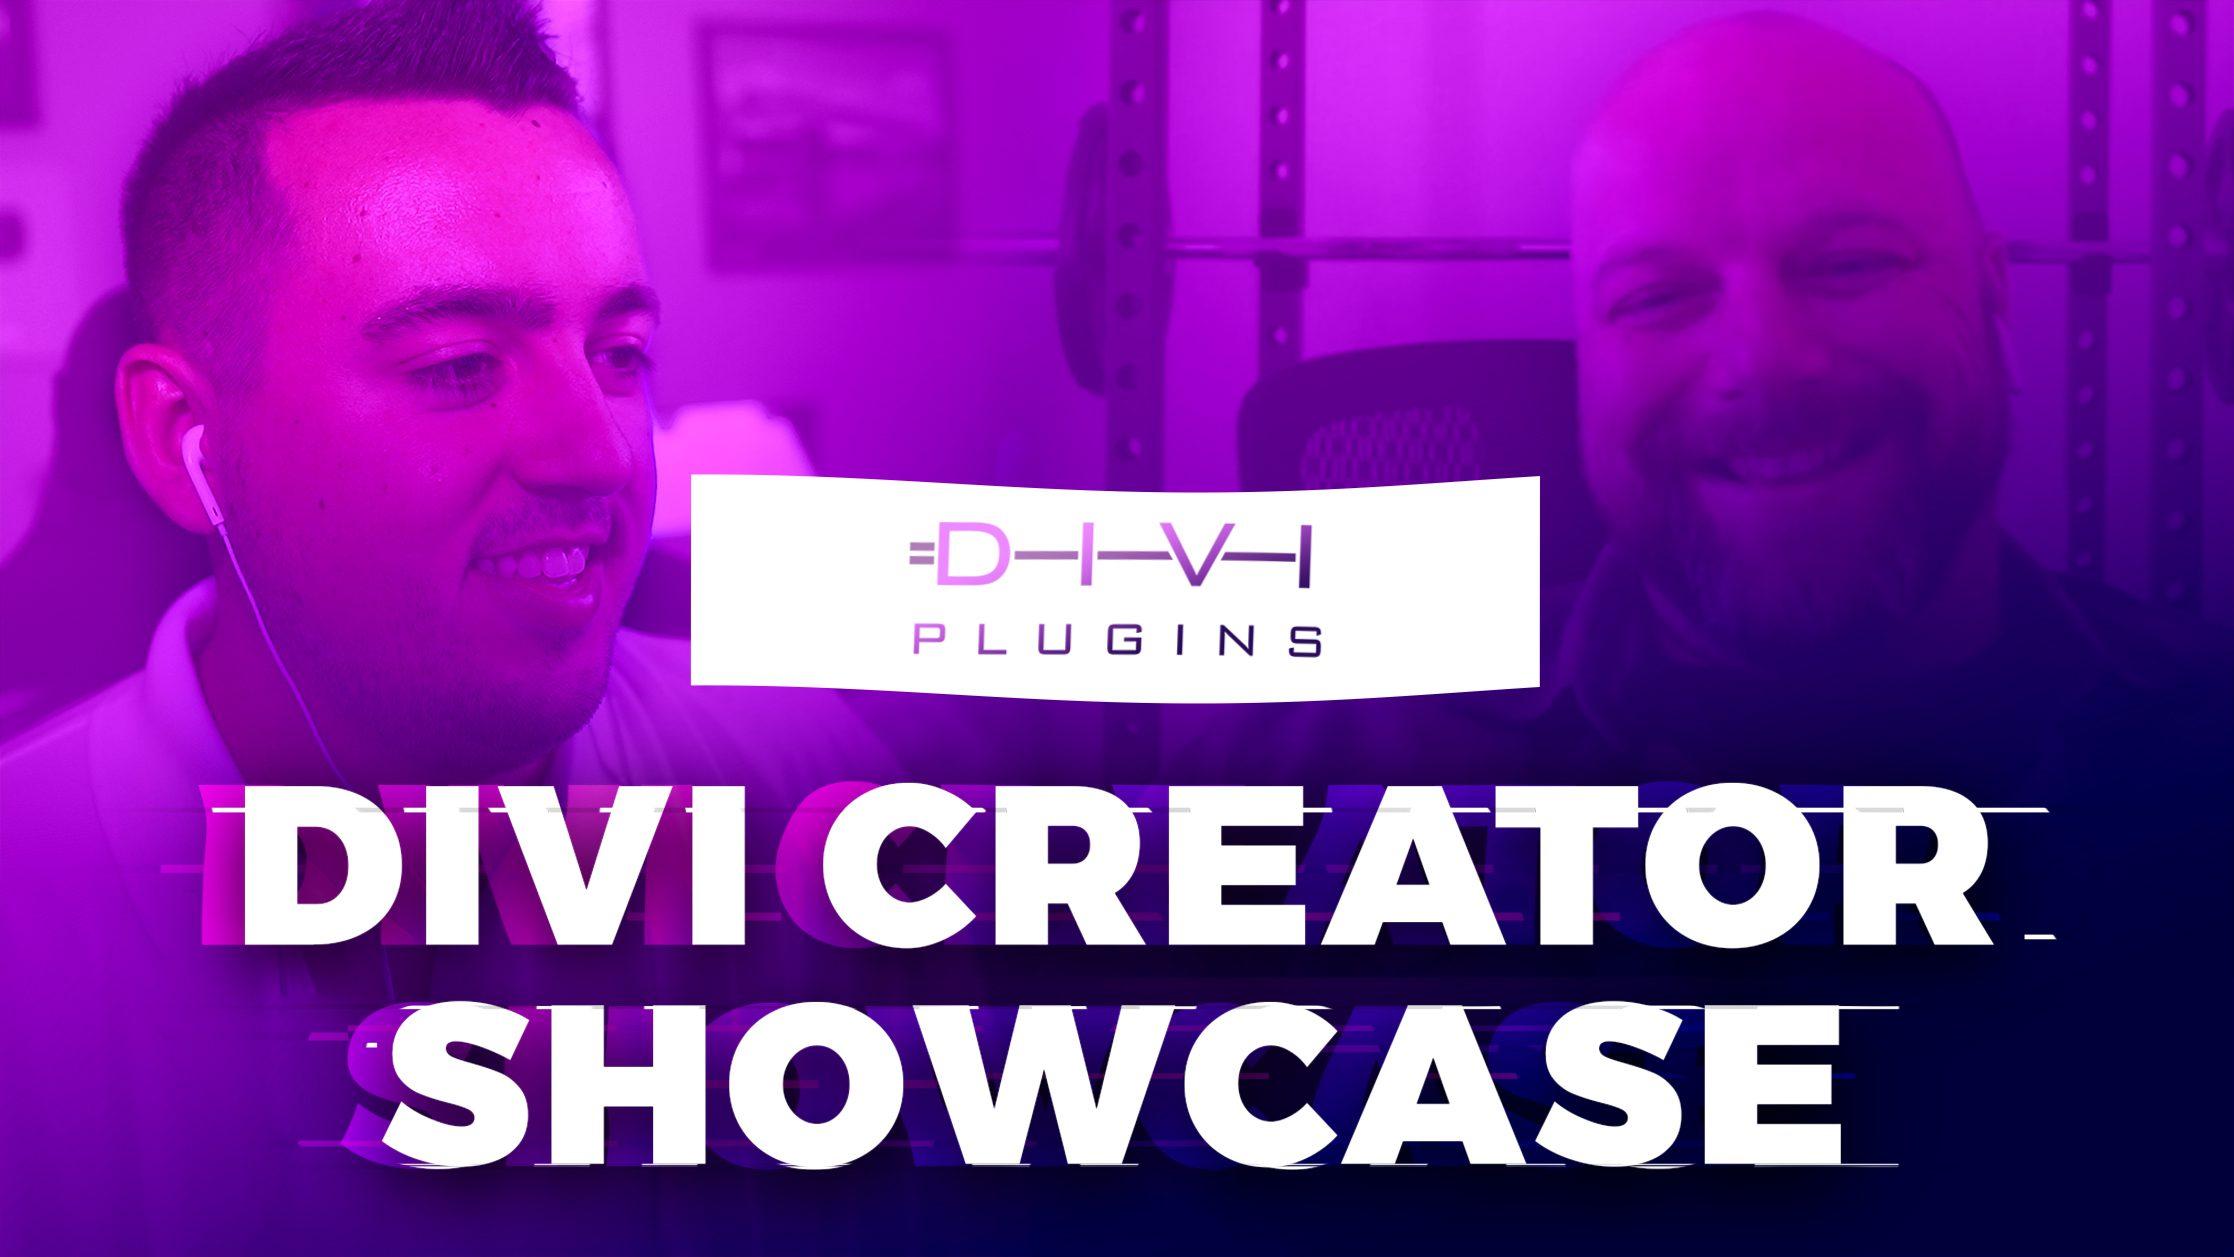 Divi Creator Showcase: Divi Plugins